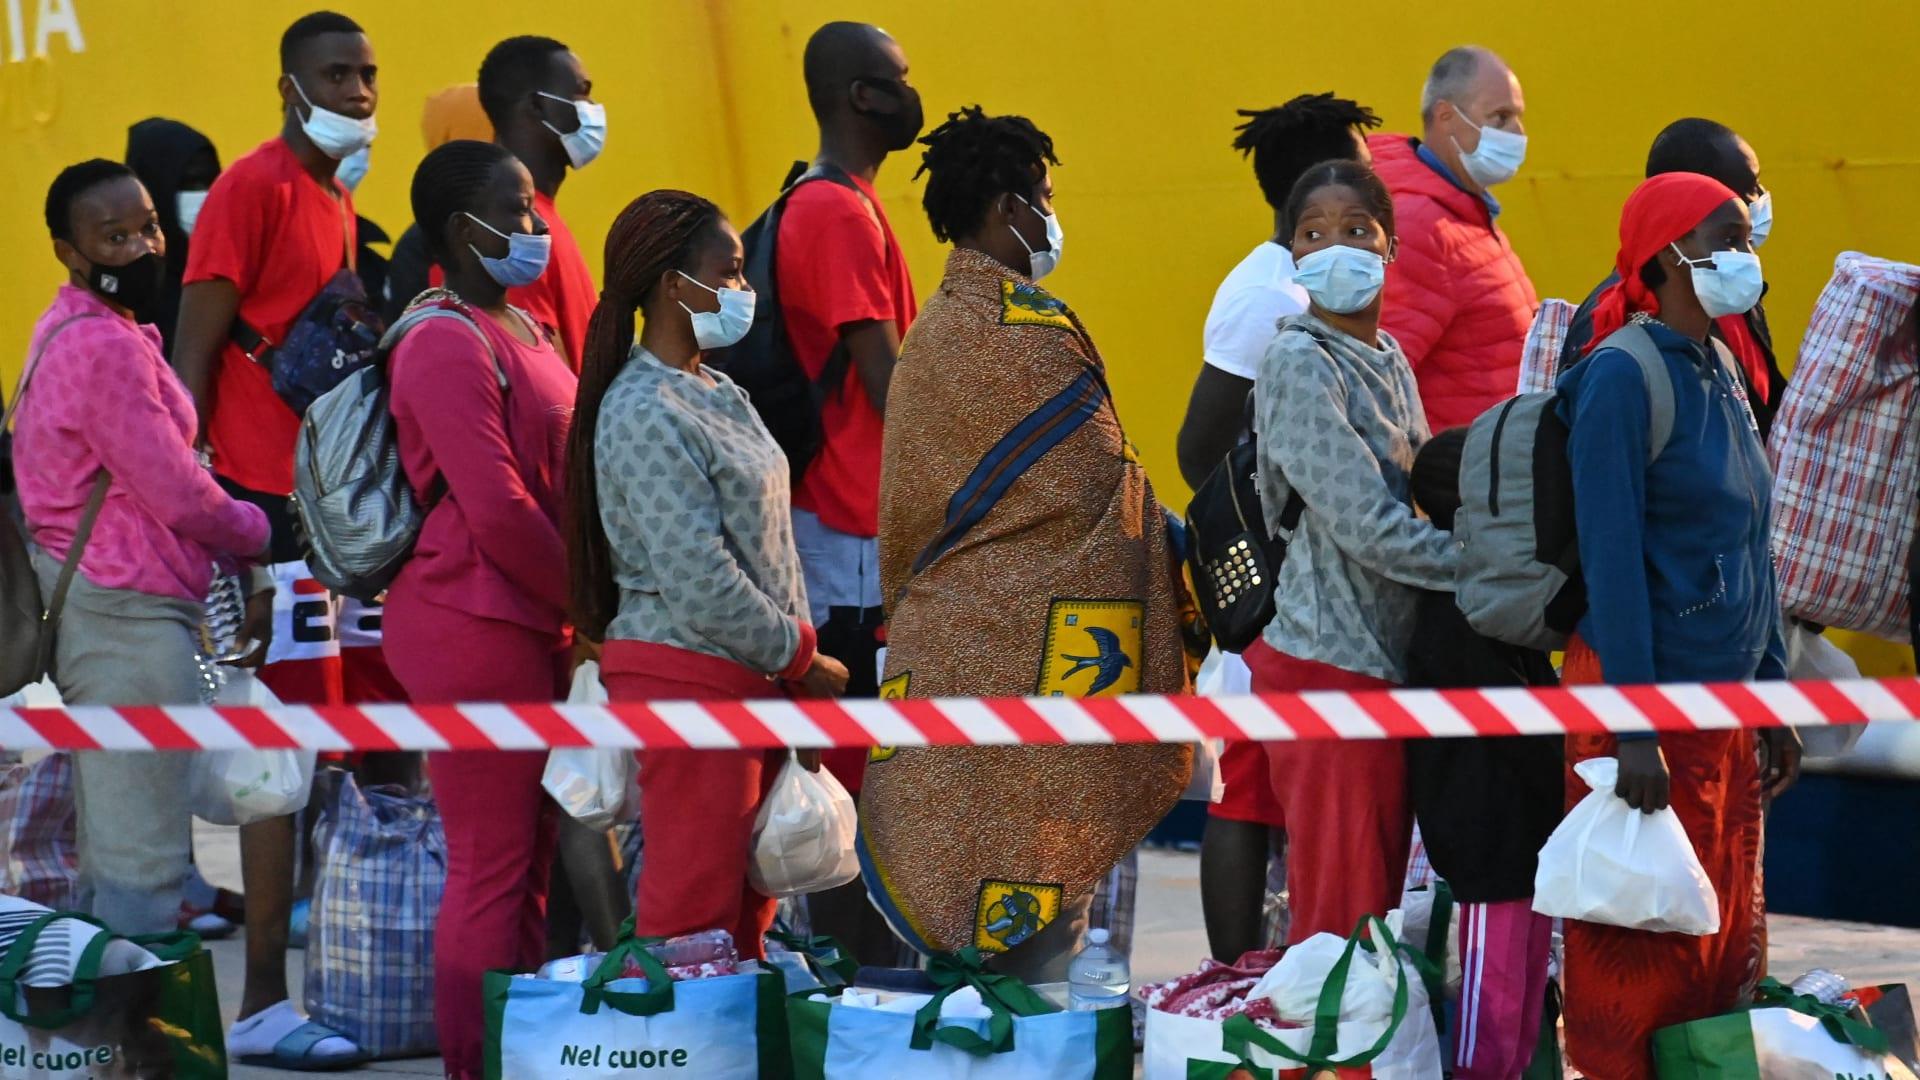 مهاجرون من مركز لإيواء المهاجرين في جزيرة لامبيدوزا الإيطالية ، يقفون في طابور يوم 14 مايو 2021